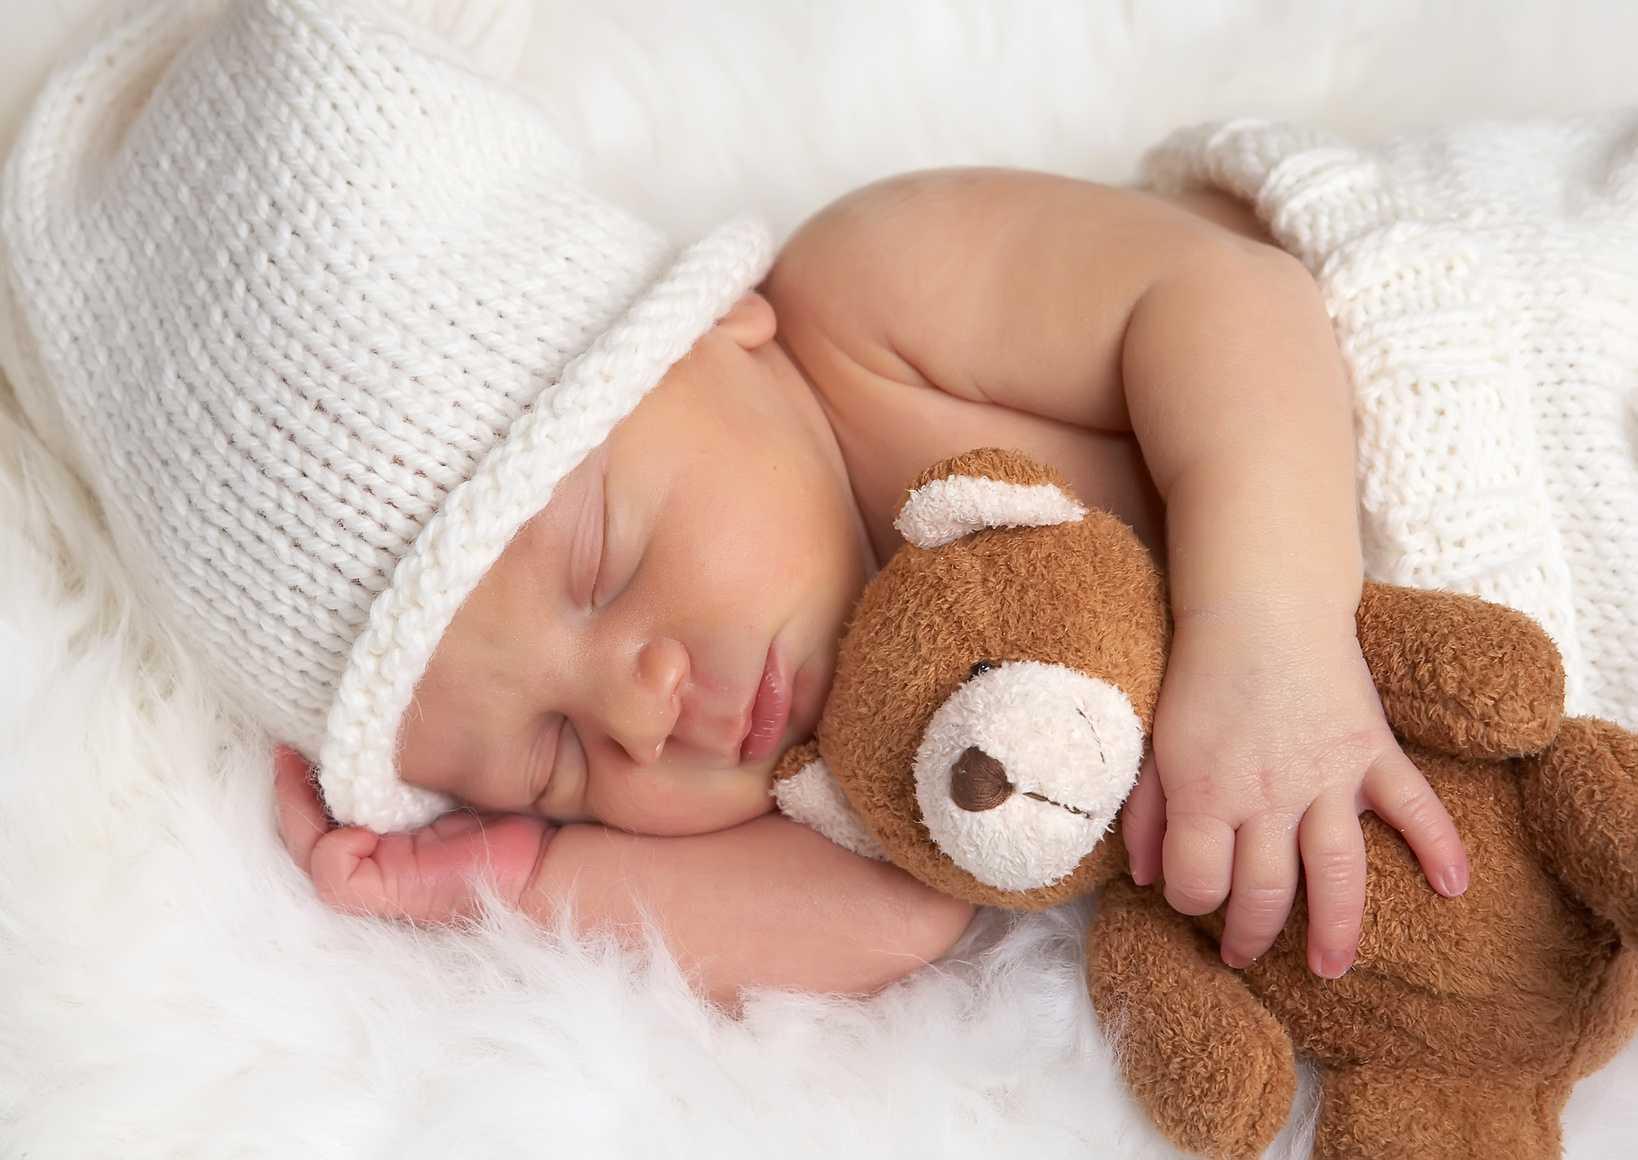 Чтобы малыш крепко спал: 7 советов для молодых родителей | электронный журнал о детях и подростках